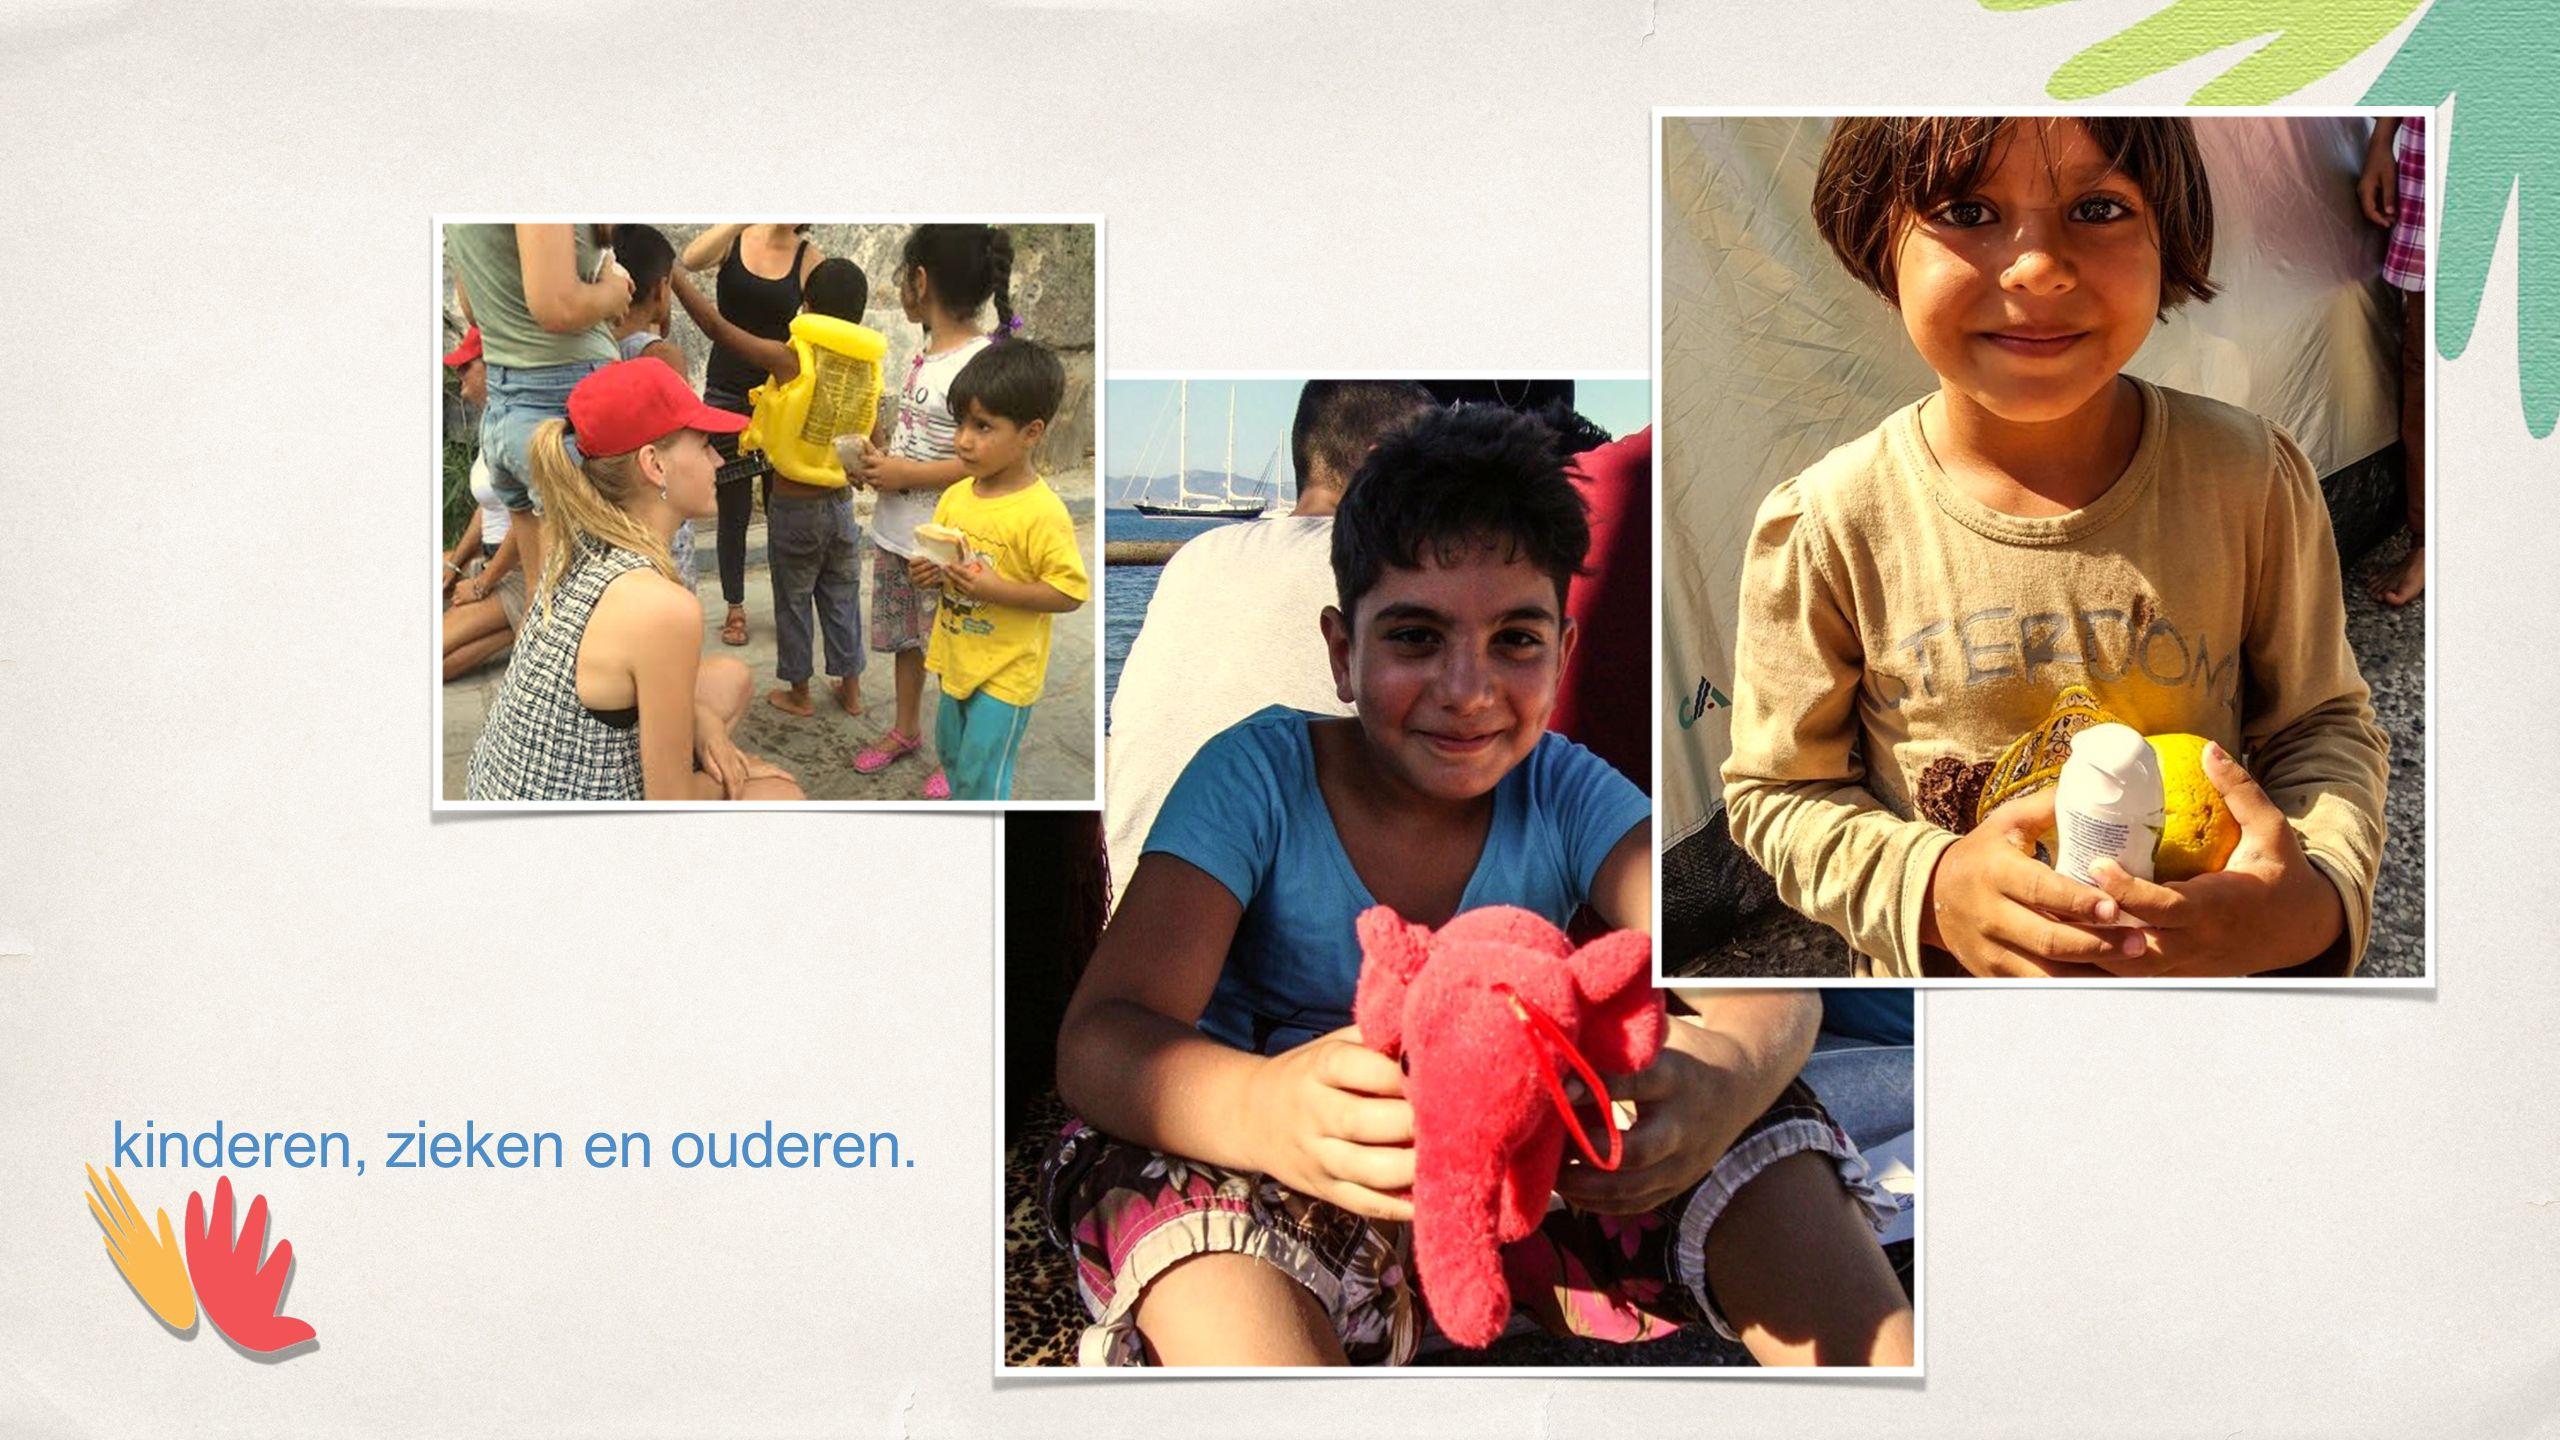 kinderen, zieken en ouderen.